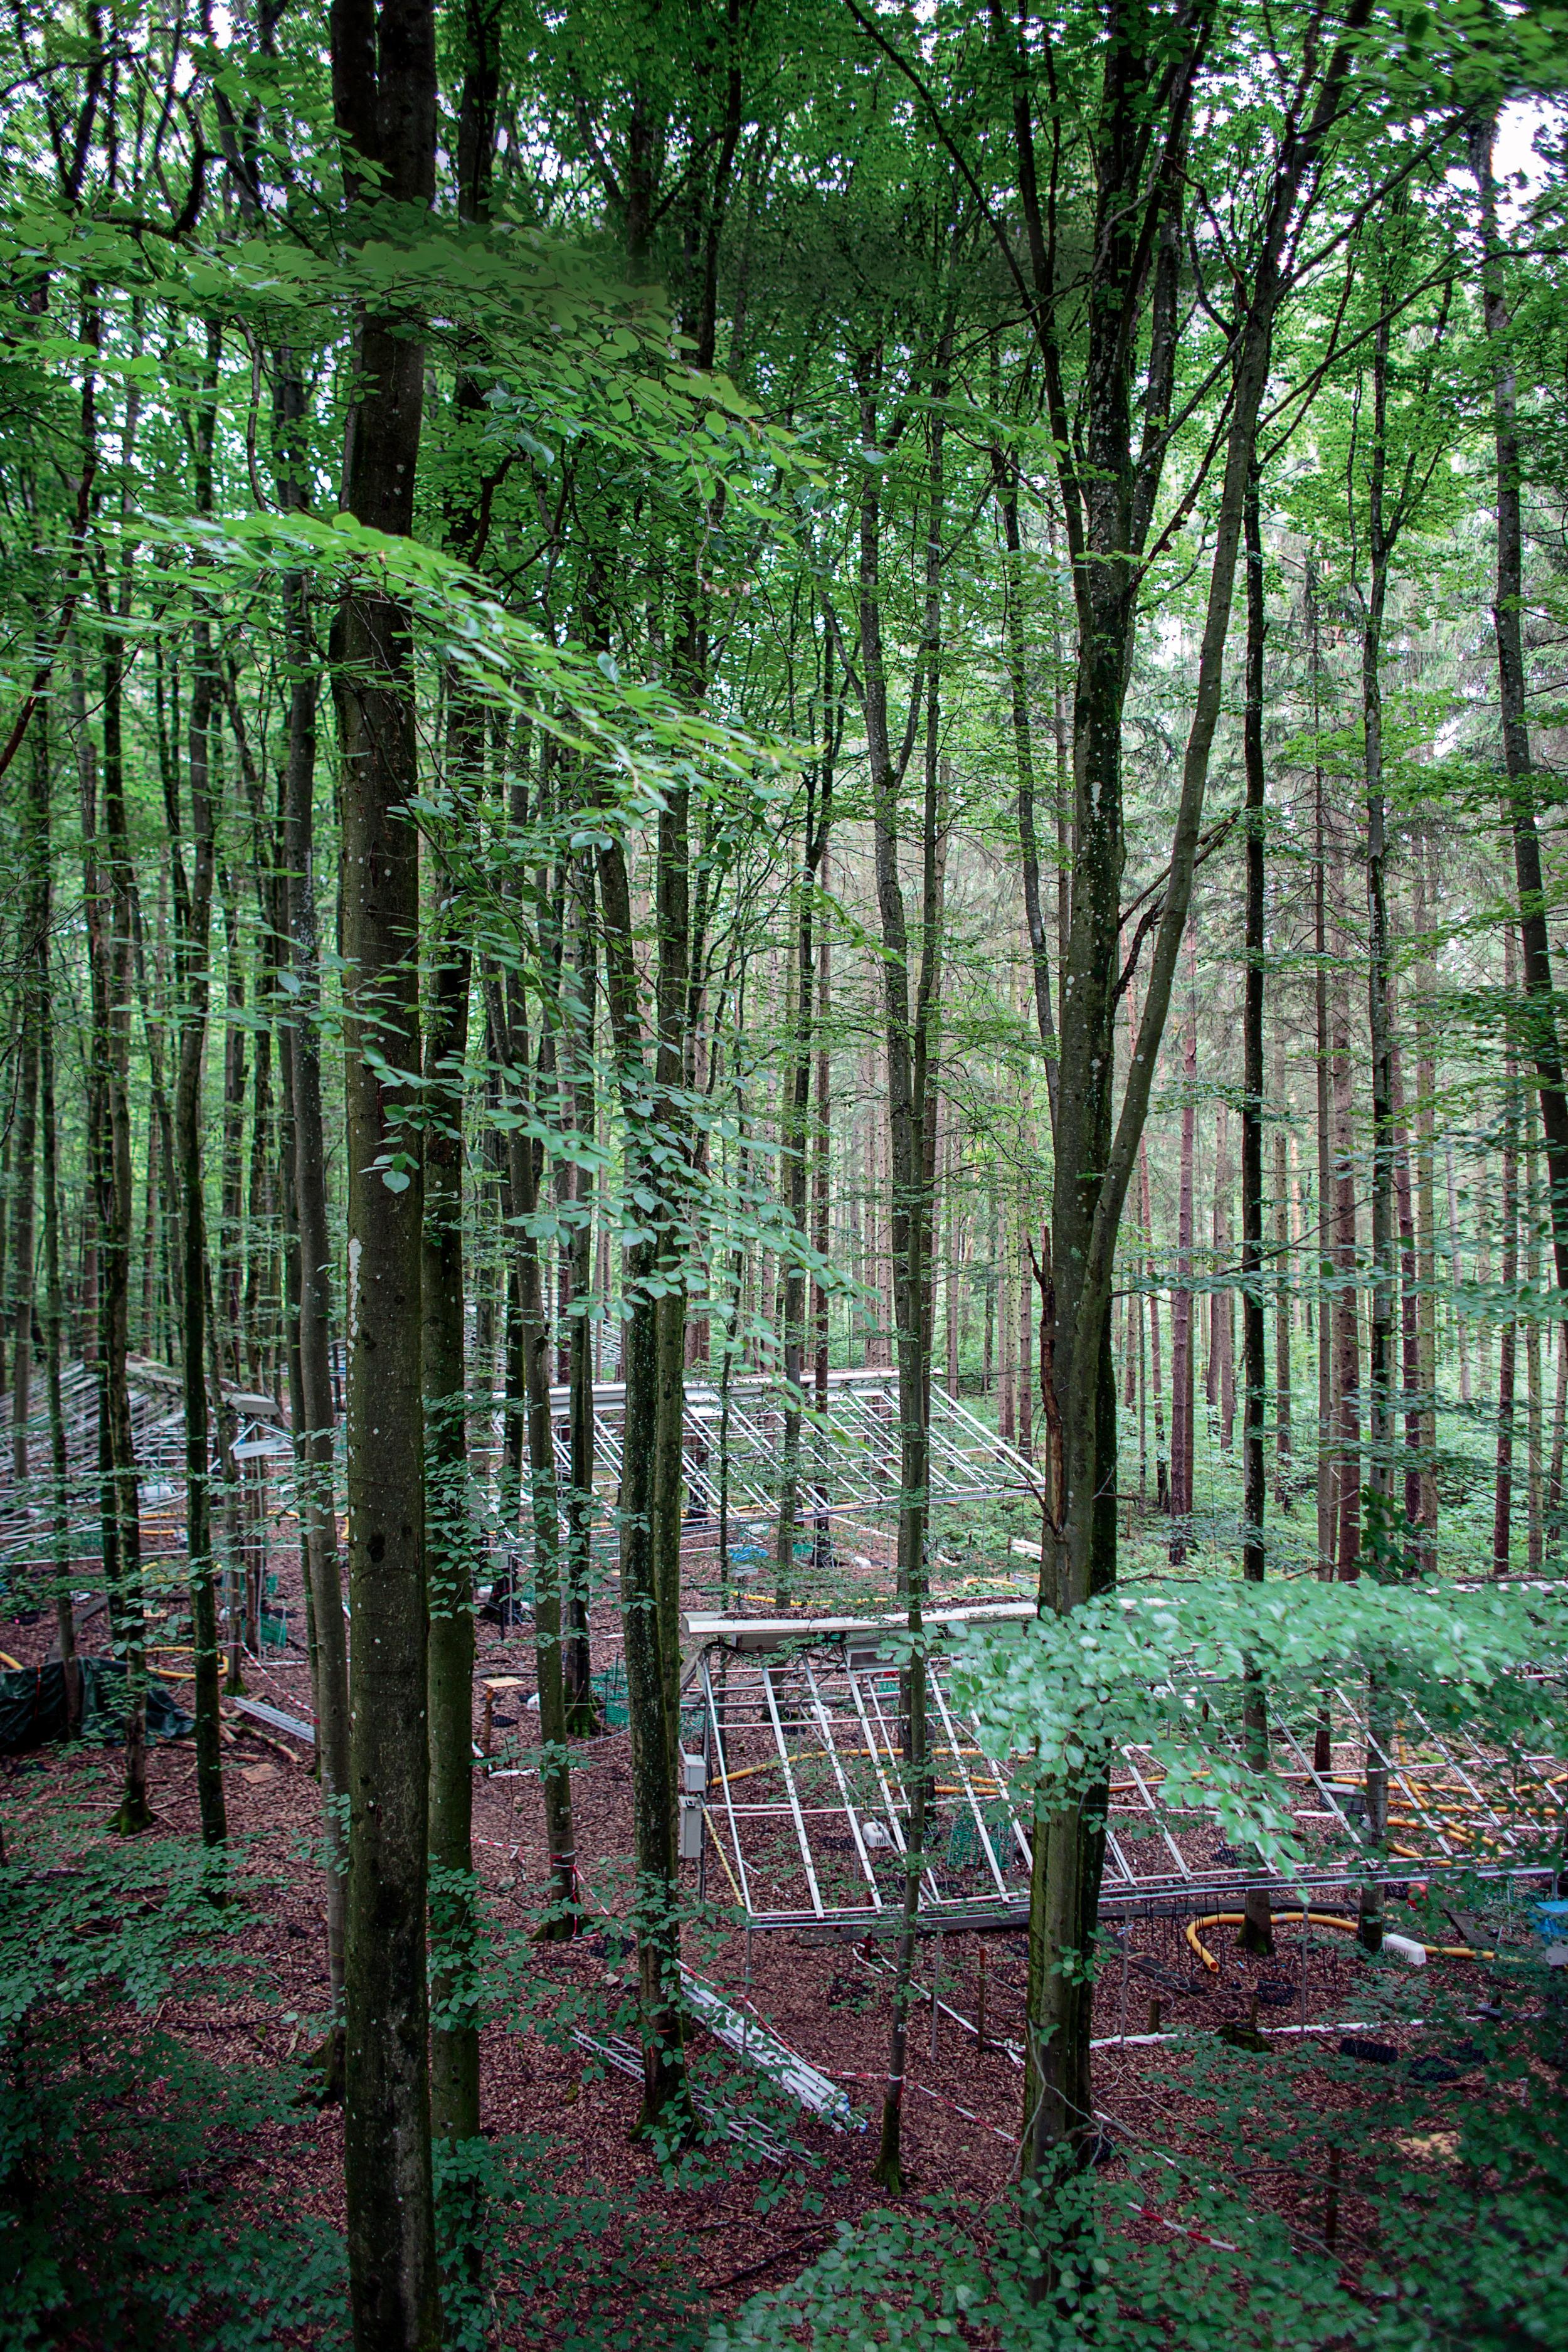 MÖBLIERTER MISCHWALD Fünf Jahre lang haben raffinierte Dachkonstruktionen im Kranzberger Forst den Regen vom Waldboden ferngehalten. Das diente der wissenschaftlichen Erkenntnis. Nun dürfen sich die Bäume erstmal wieder erholen